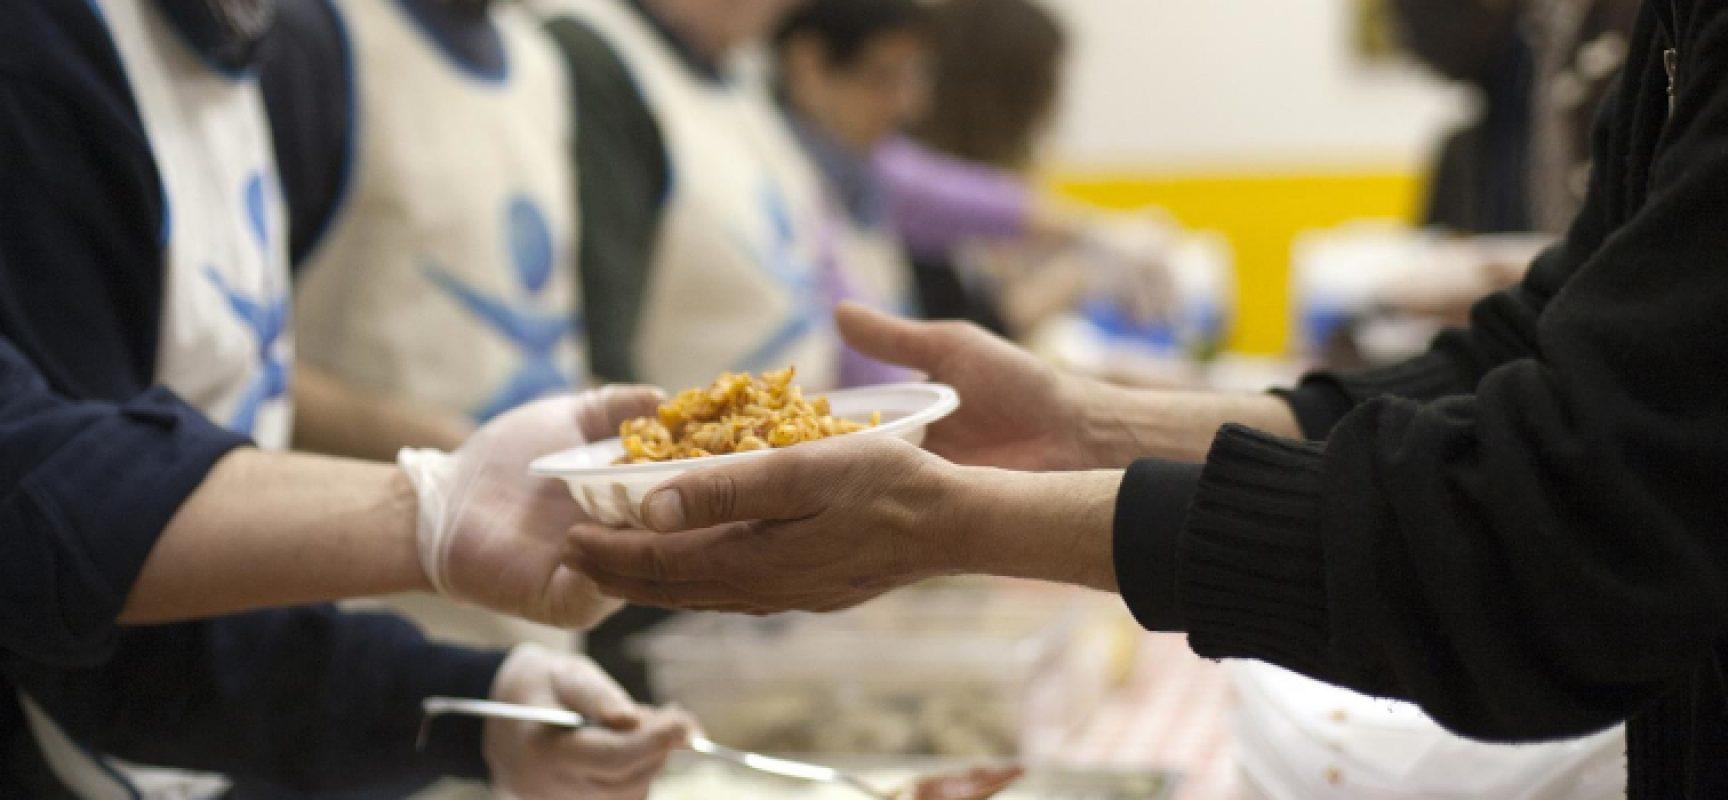 Caritas Bisceglie non si ferma: le iniziative per contrastare la povertà